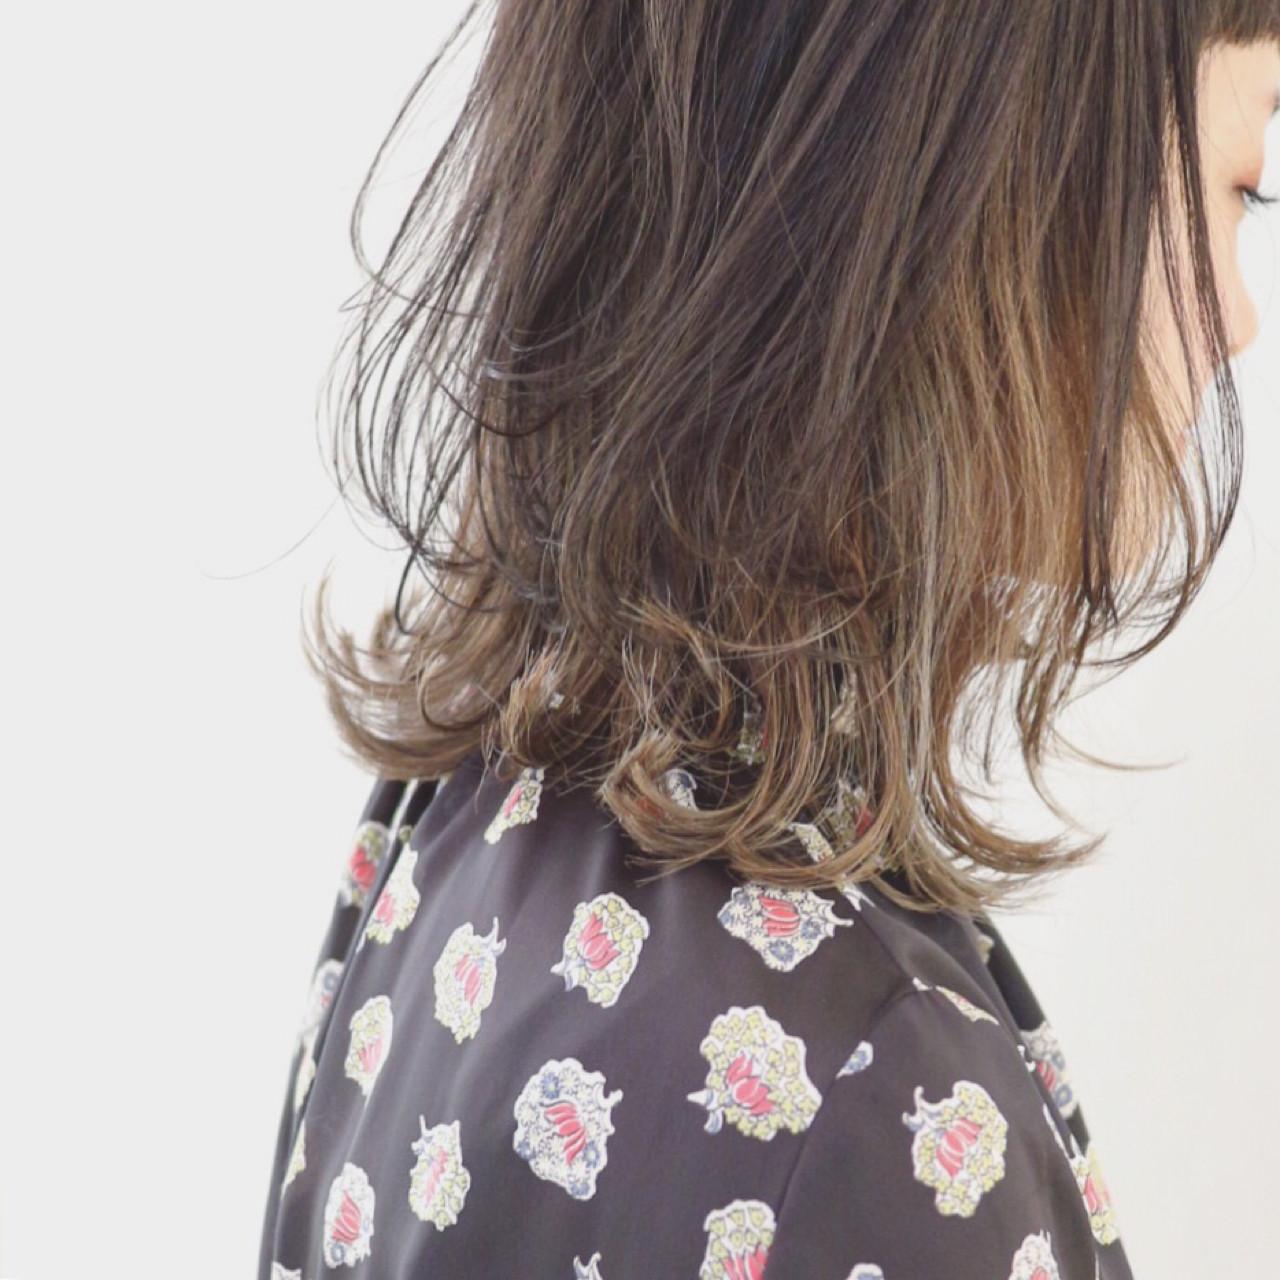 レイヤーカット ストリート 外国人風 グラデーションカラー ヘアスタイルや髪型の写真・画像